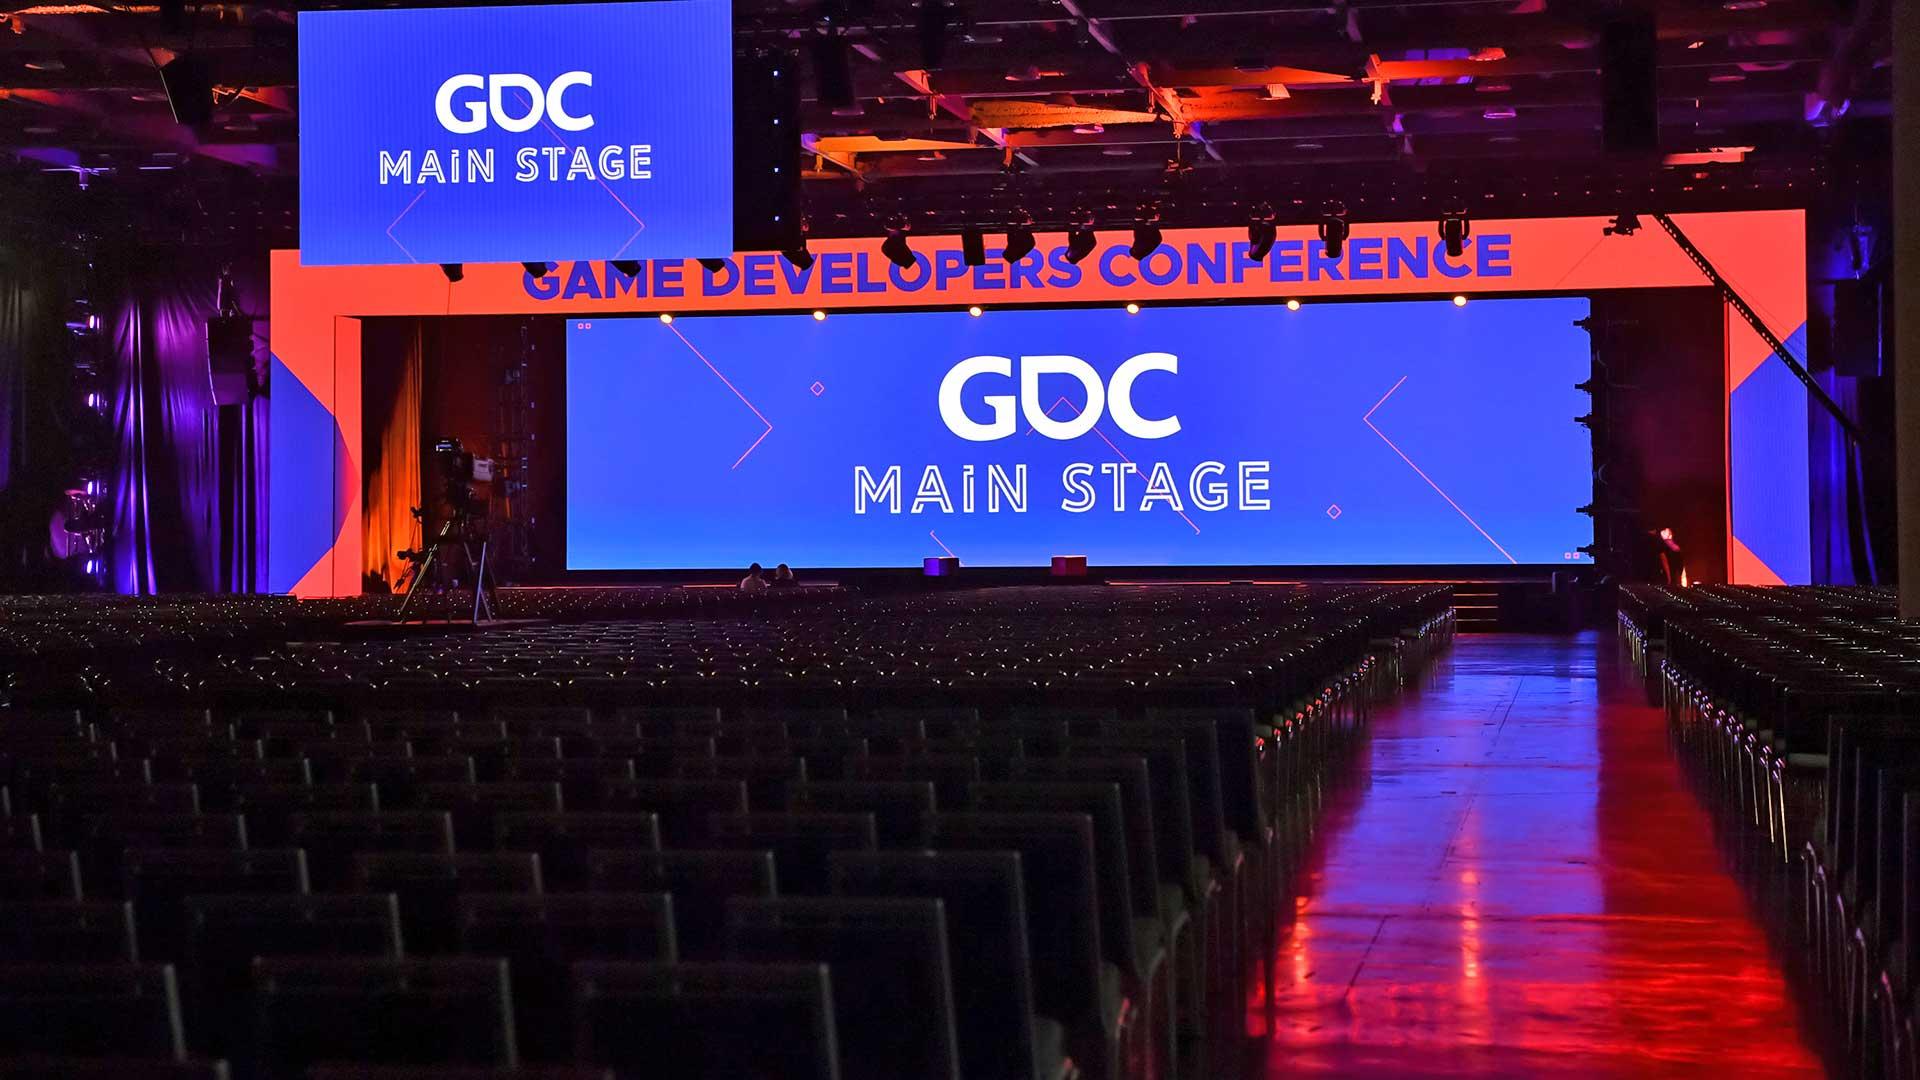 ویروس کرونا رویداد GDC 2020 را تعطیل کرد